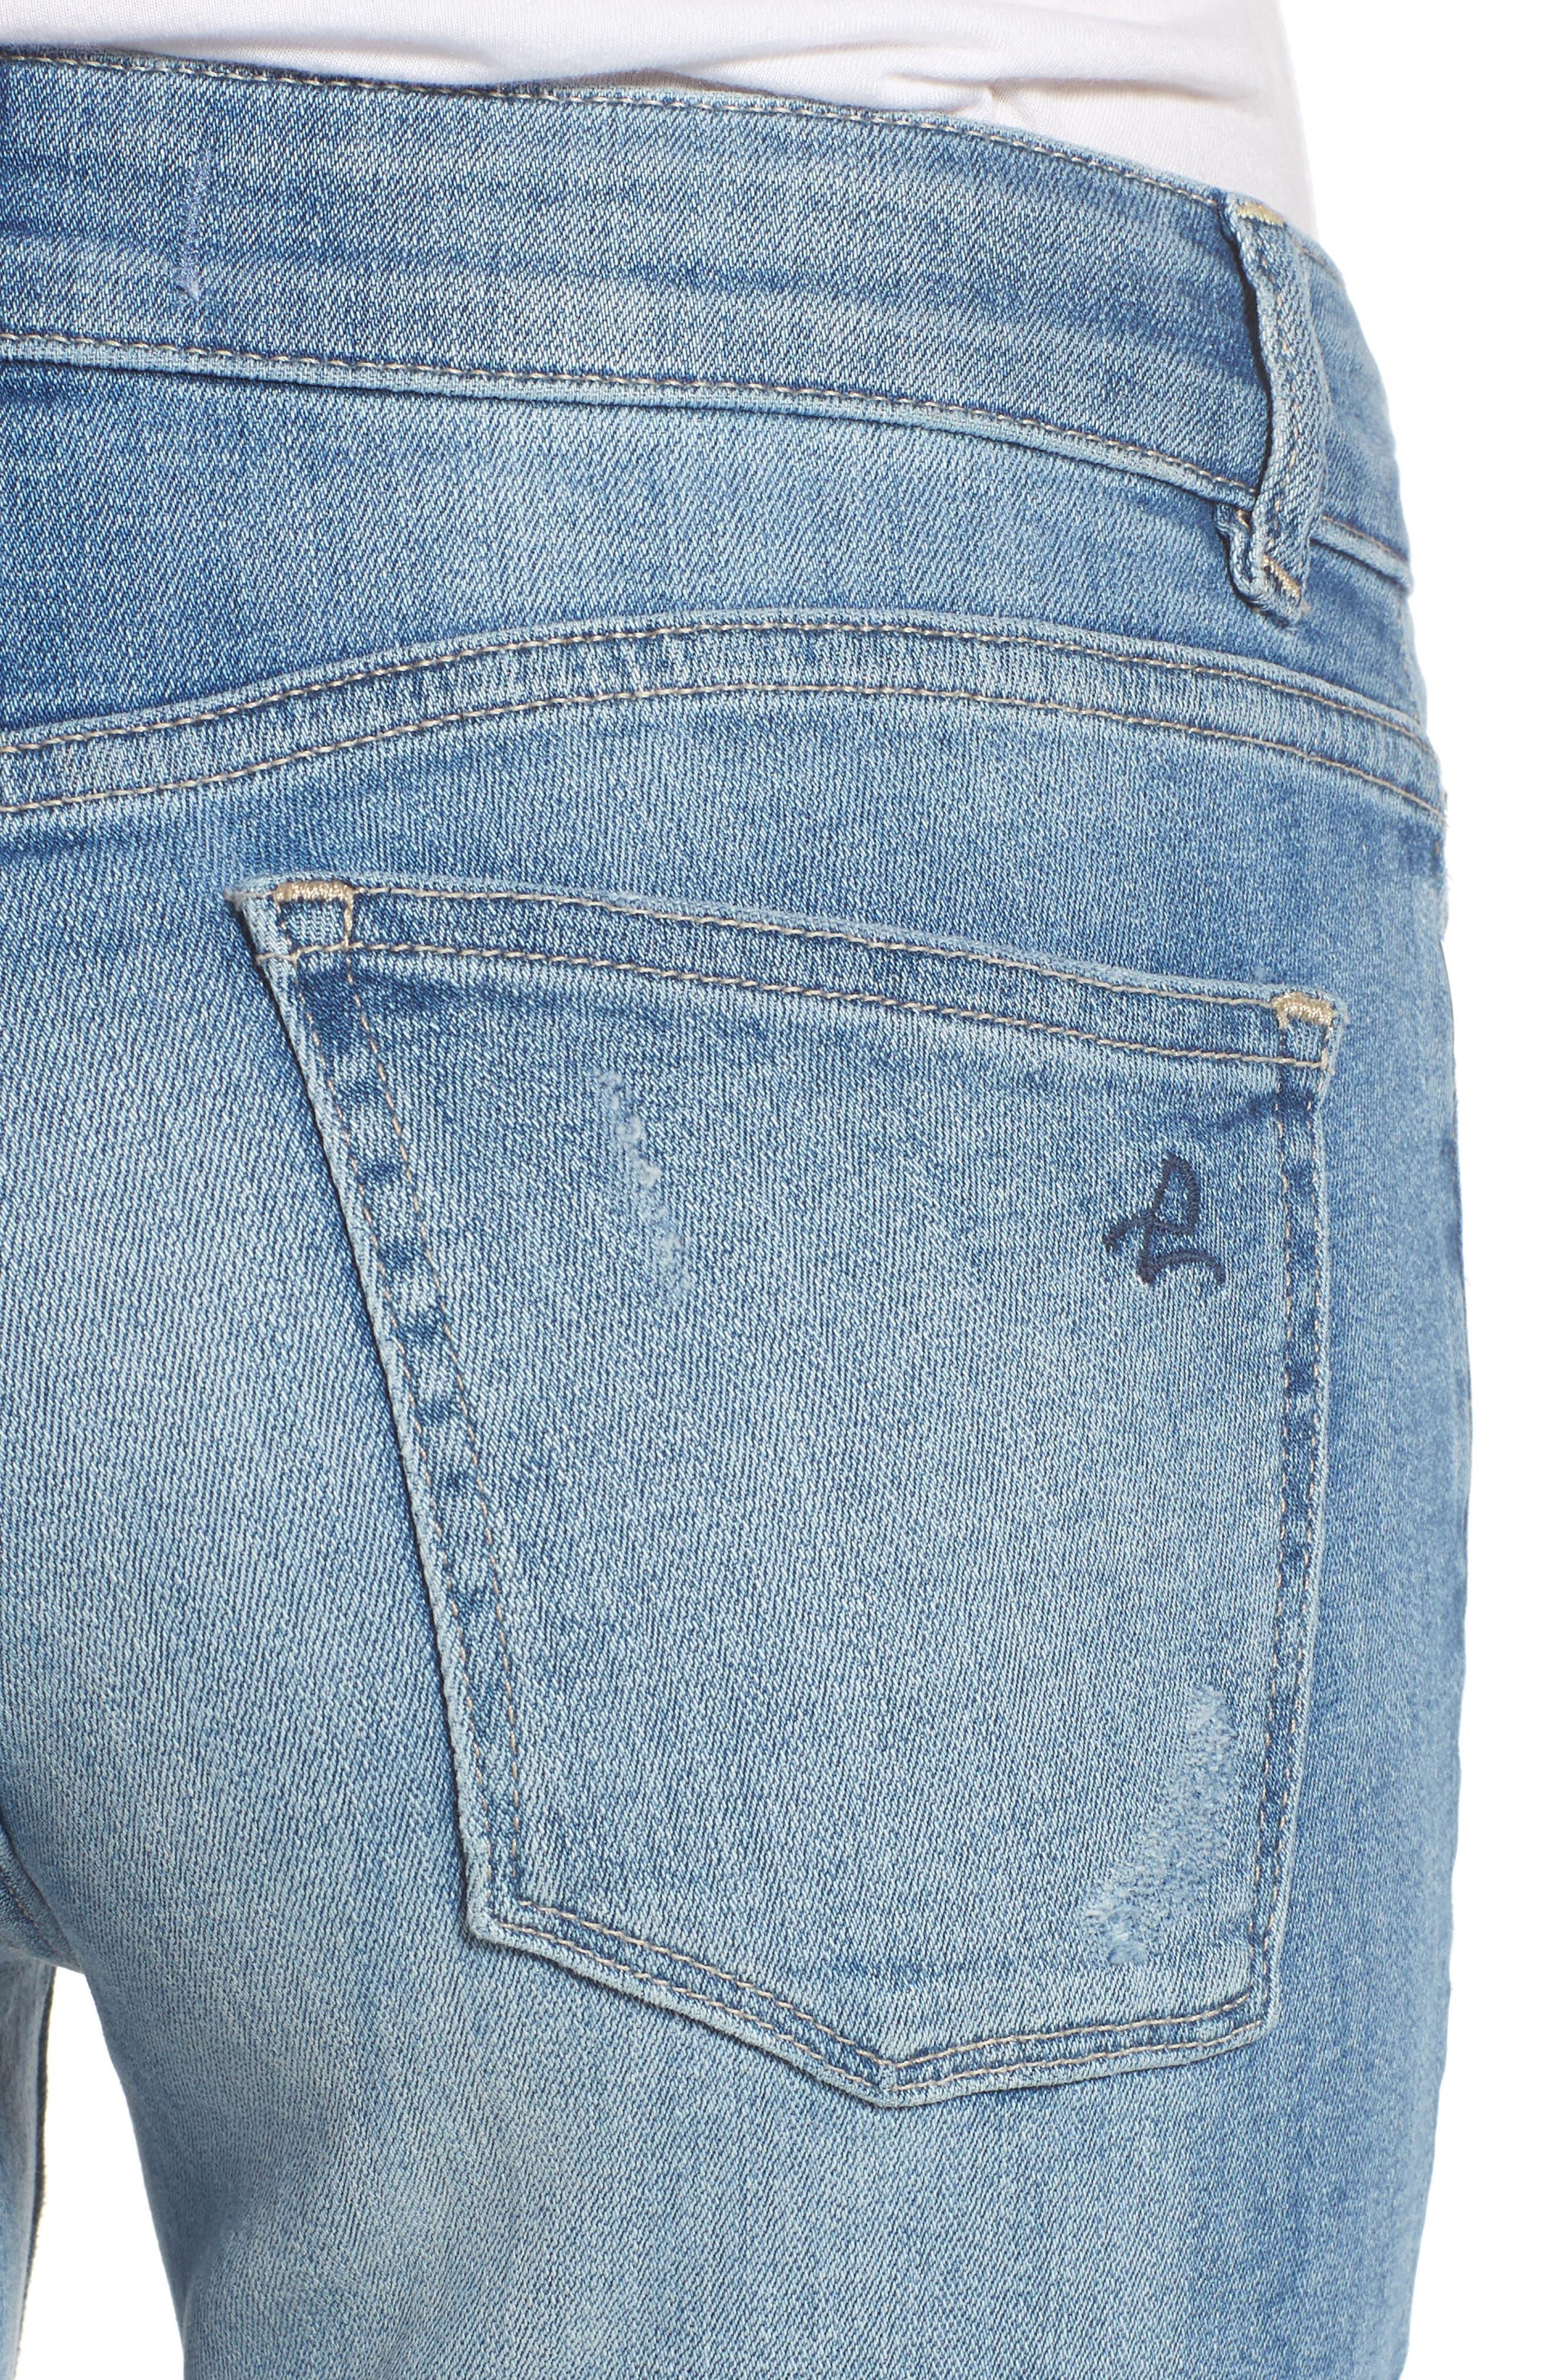 Mara Instasculpt Ankle Straight Leg Jeans,                             Alternate thumbnail 4, color,                             Montague